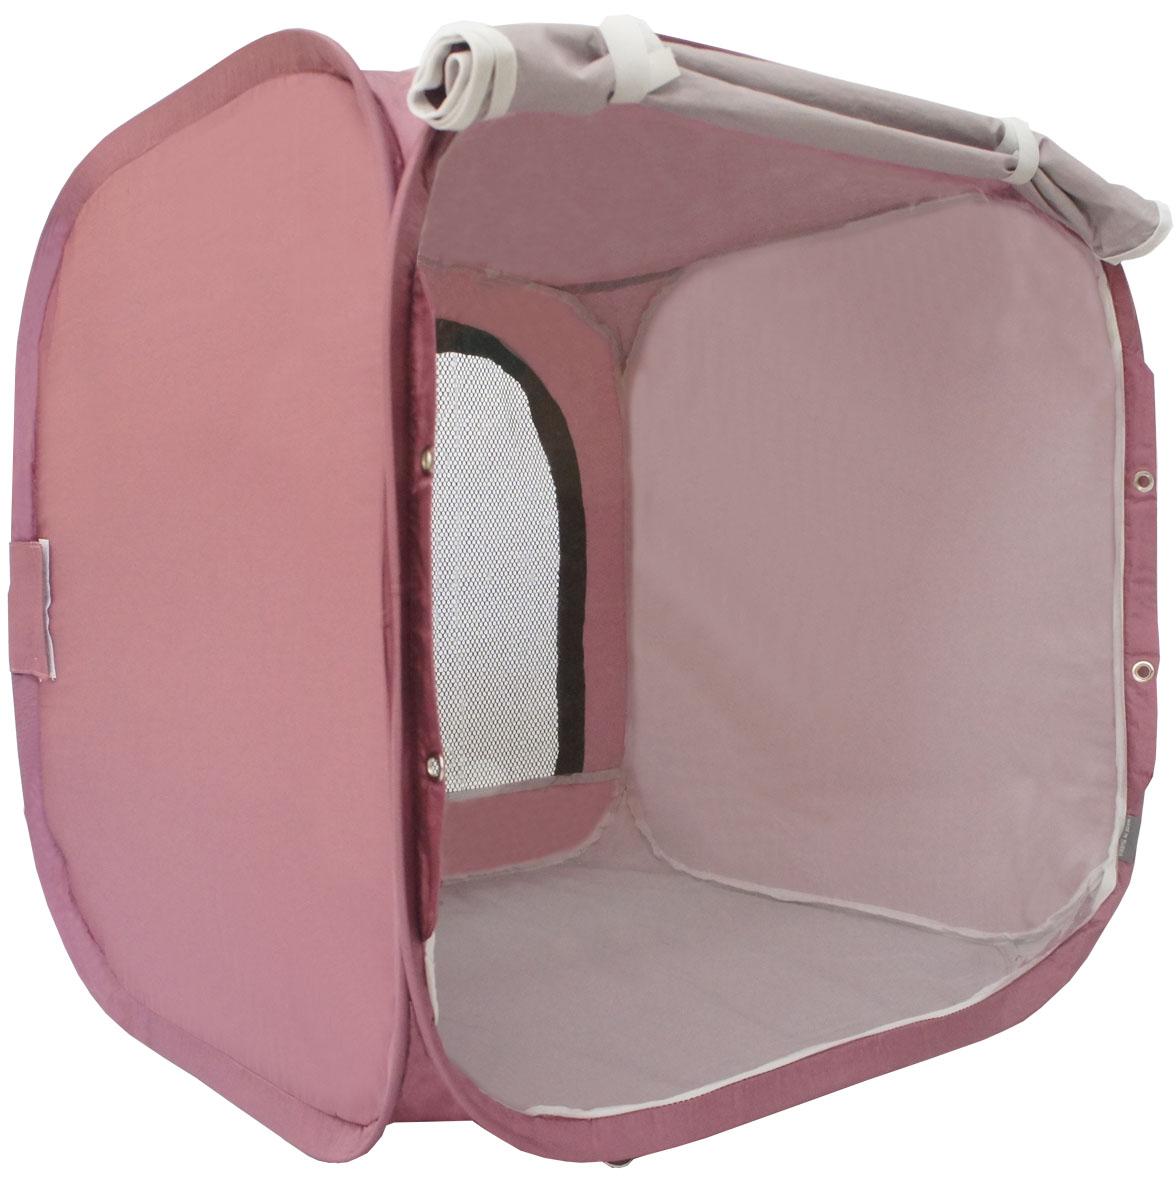 Палатка для выставки животных  Шоу-Петс , цвет: бордовый, 60 х 60 х 60 см. ПВЛ1Б - Клетки, вольеры, будки